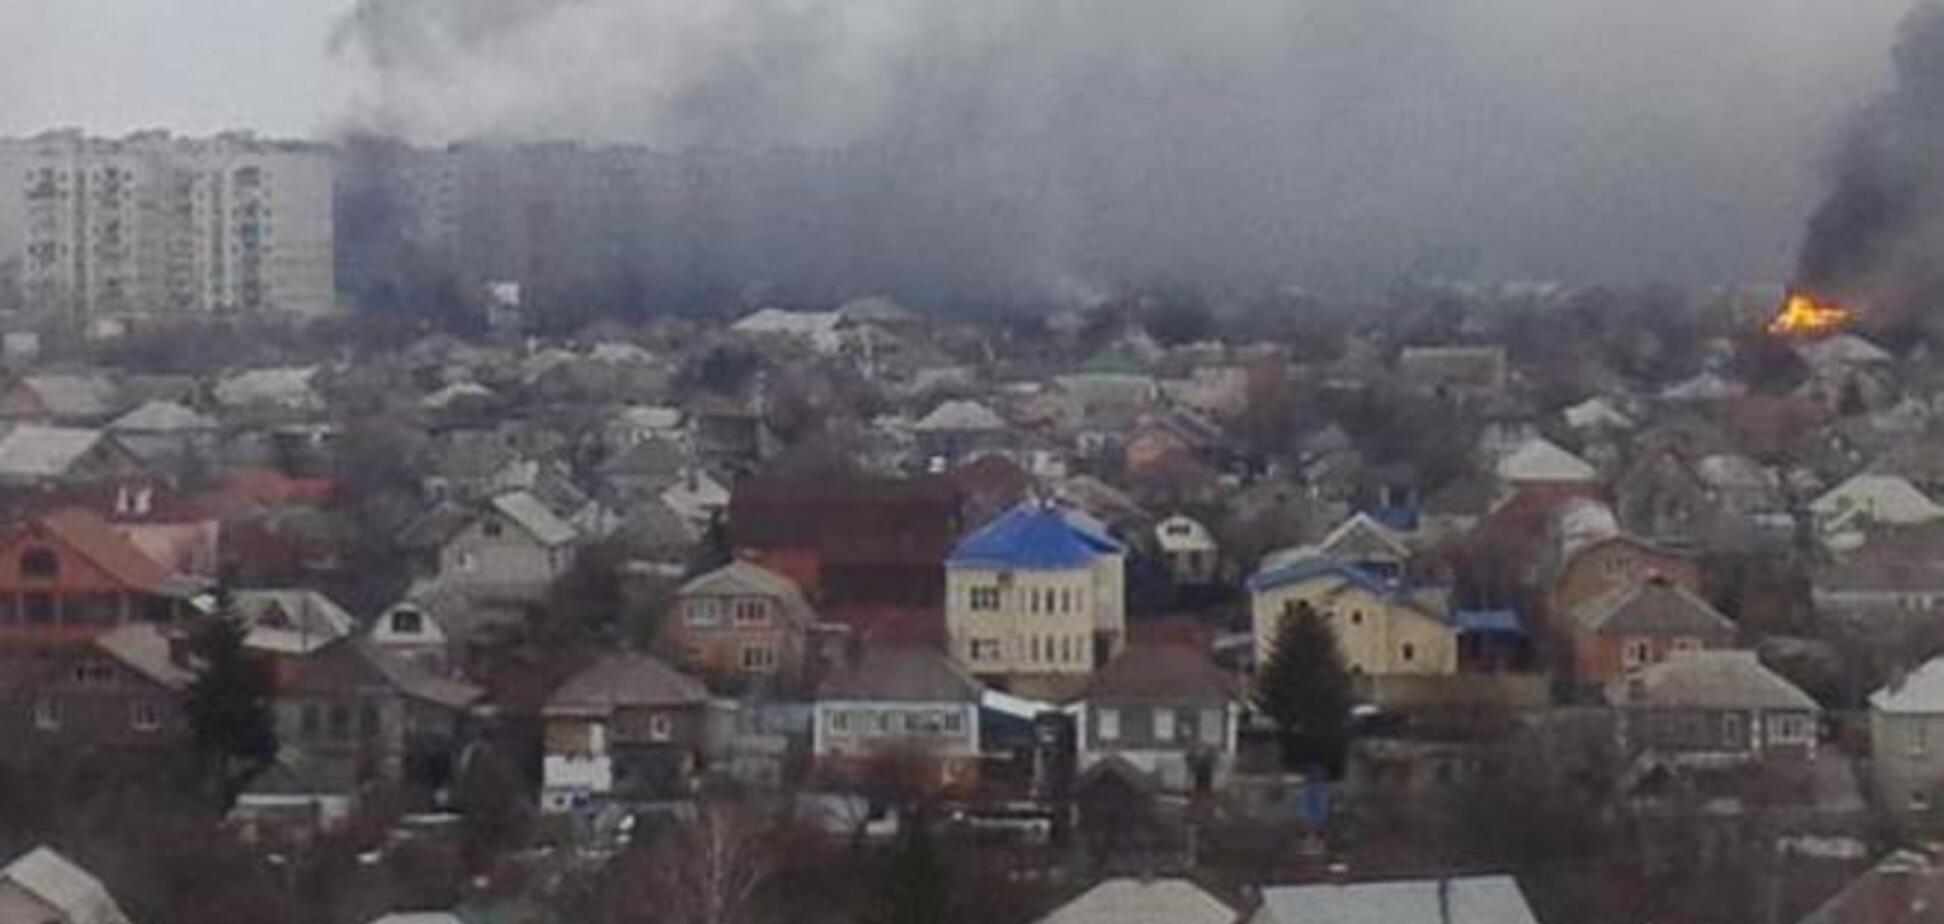 Журналисты по пунктам показали вину россиян в кровавом обстреле Мариуполя: схемы-доказательства